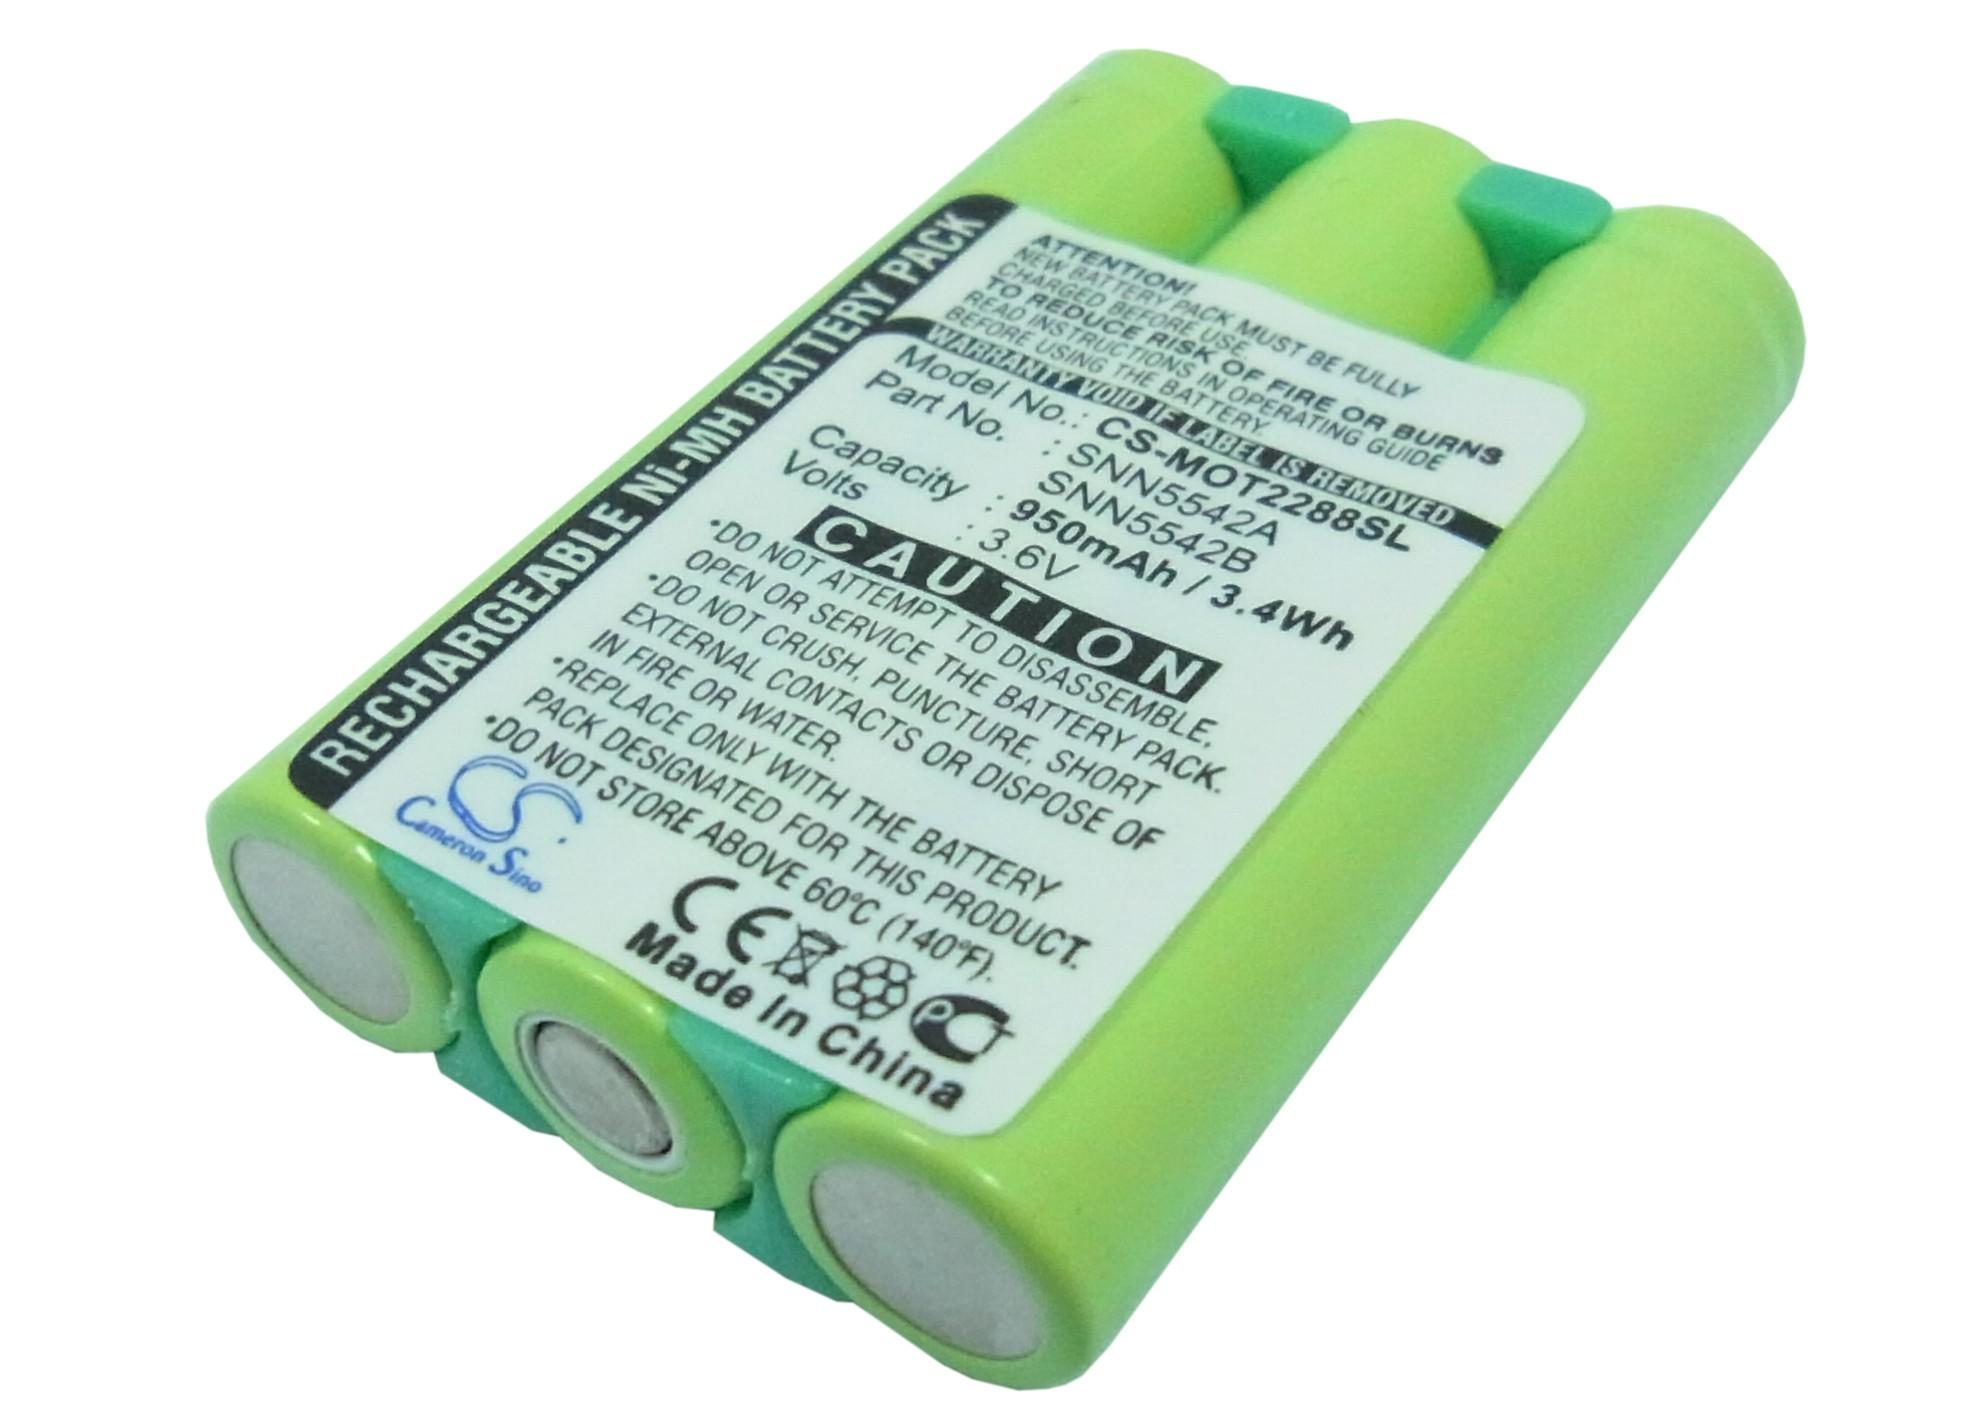 обеспечивает высокий объем батареи моторолла 2288 термобелье Этот